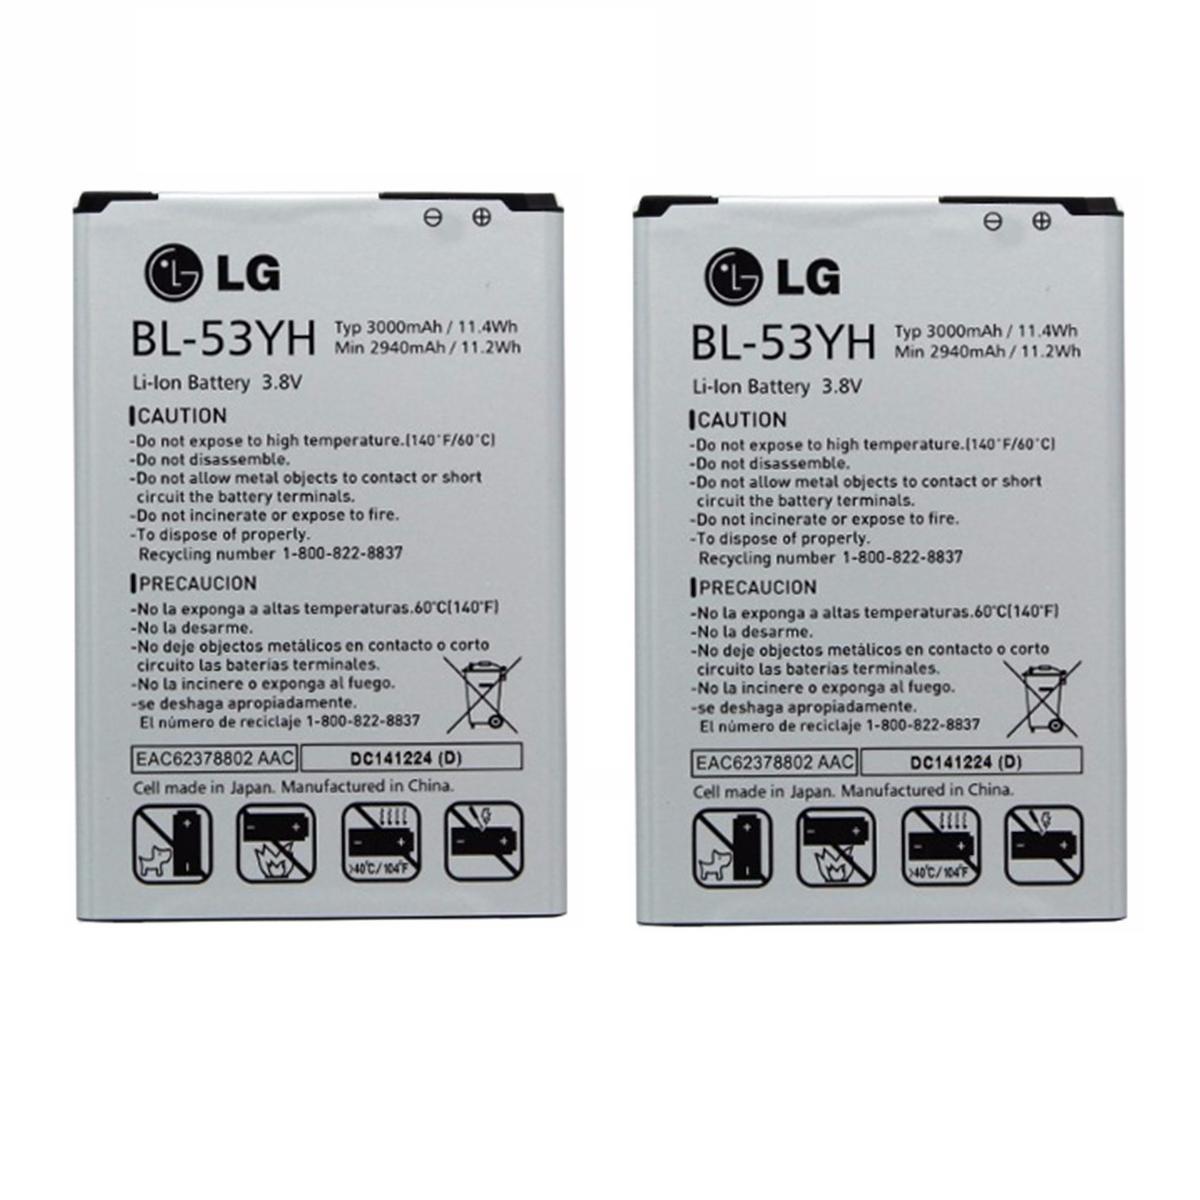 KIT 2x LG BL-53YH Battery for G3 VS985 F400 D850 D855 3000mAh